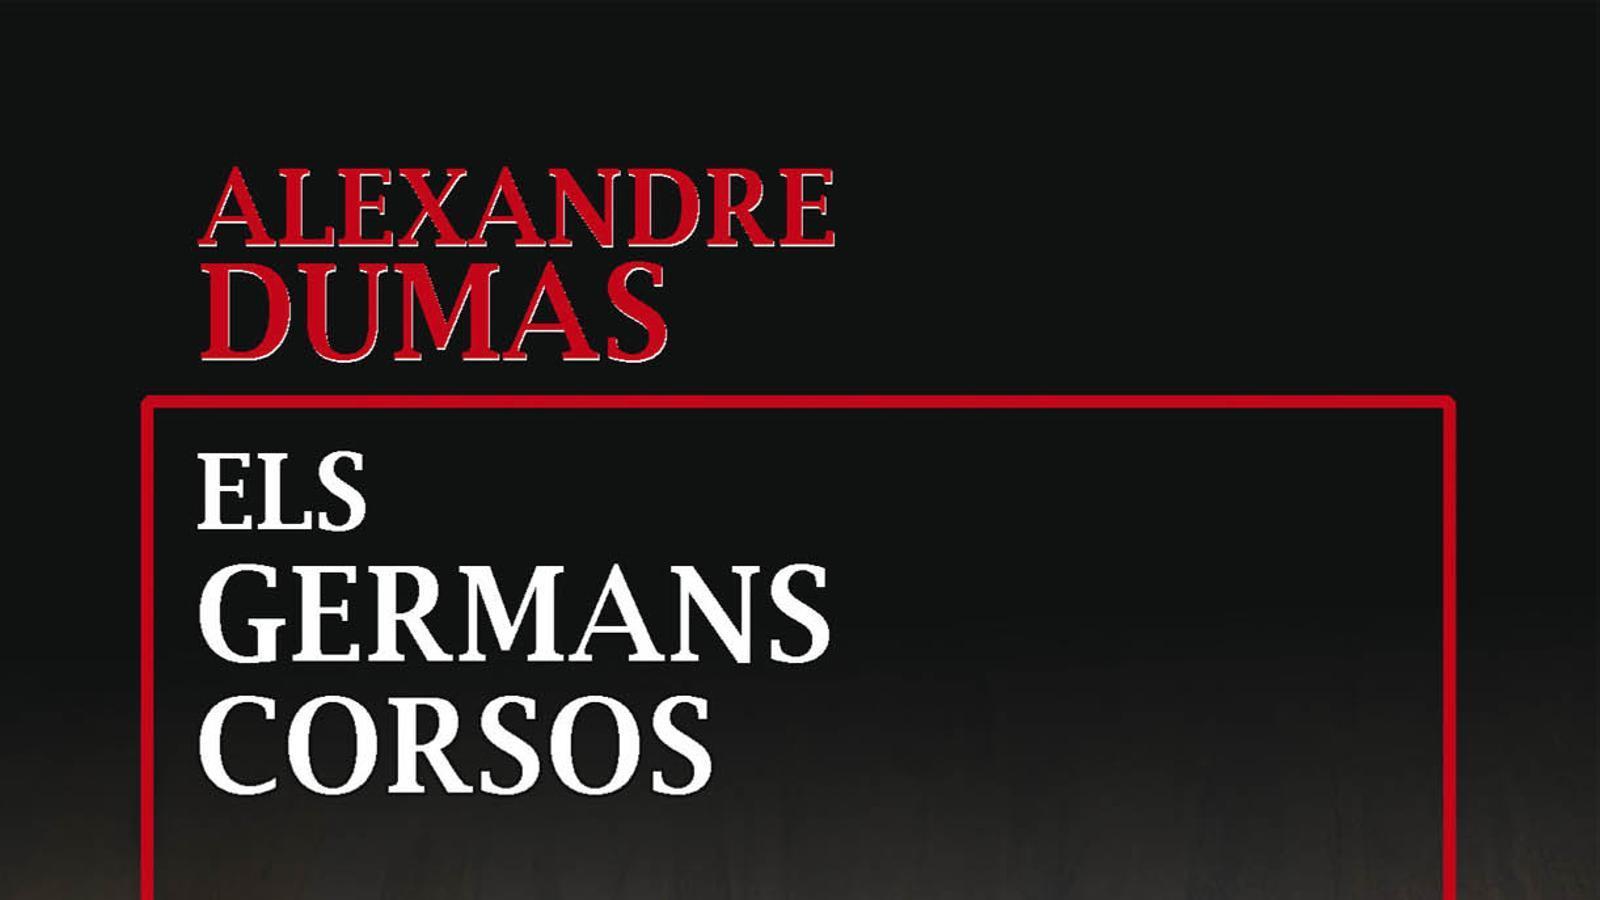 'Els germans corsos', d'Alexandre Dumas